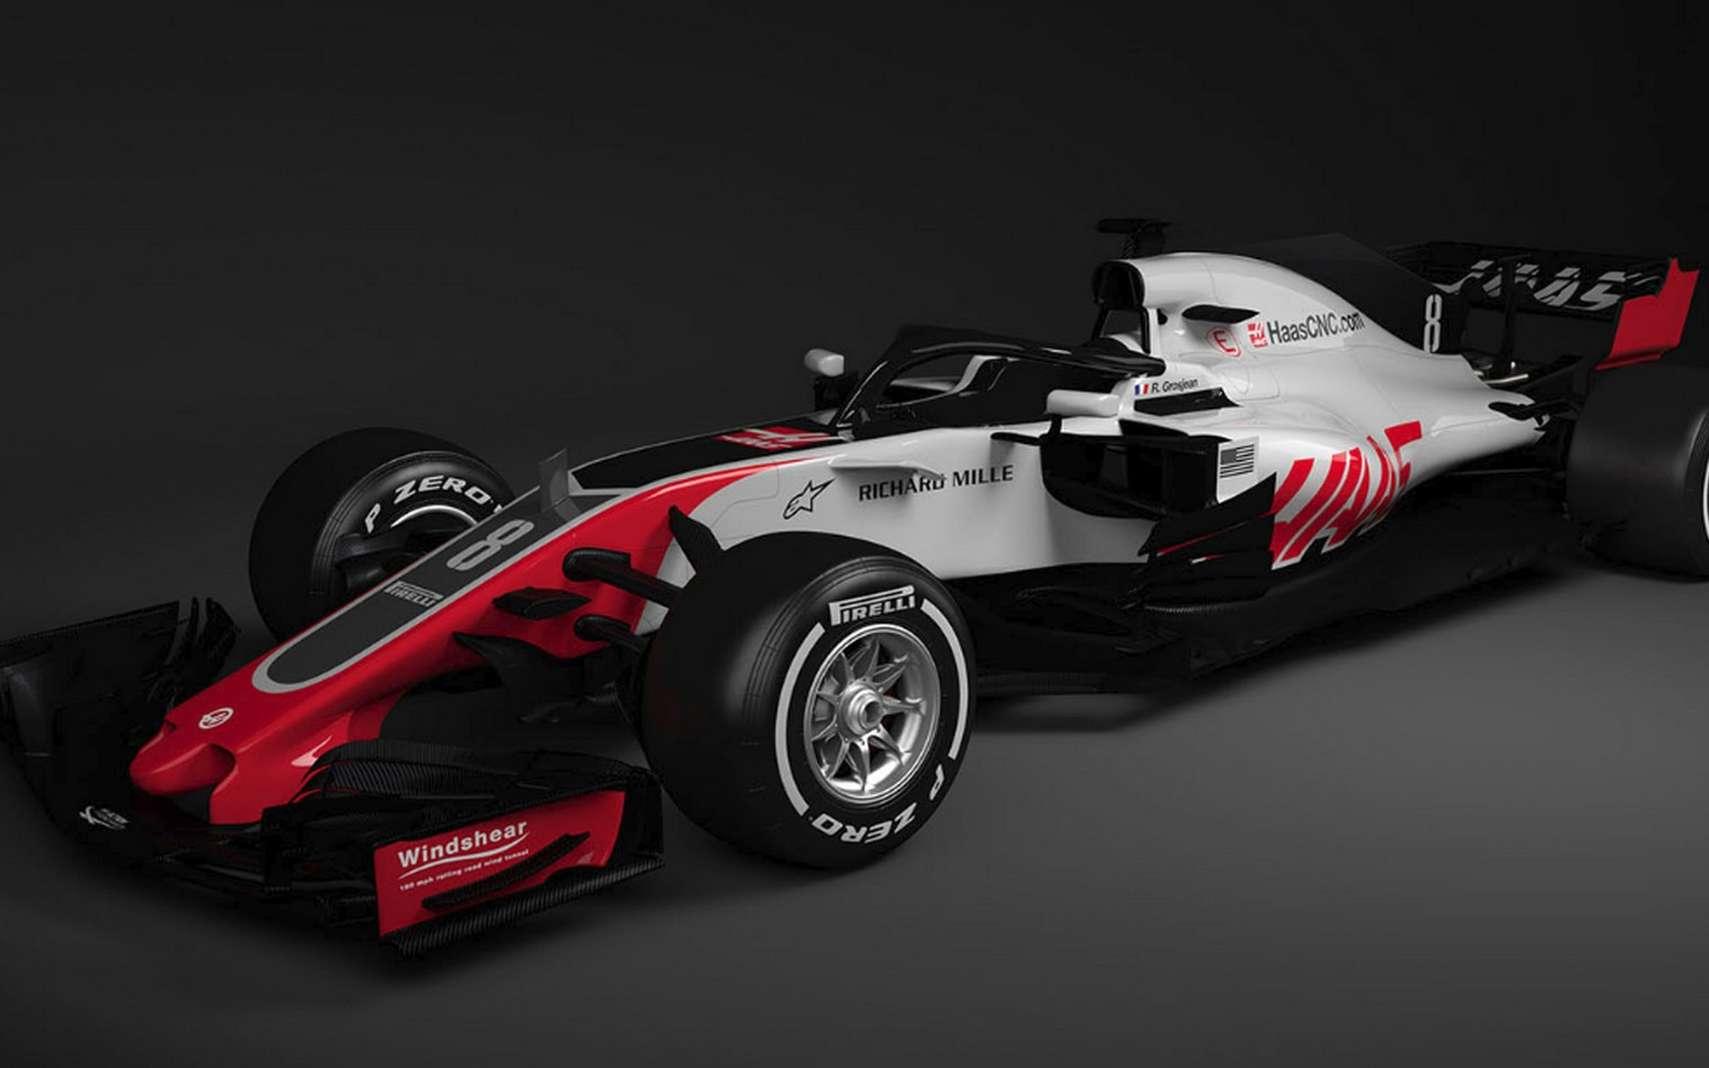 L'écurie Haas F1 utilisera le supercalculateur Cray CS500 pour travailler sur l'aérodynamique de ses futures monoplaces. © Haas F1